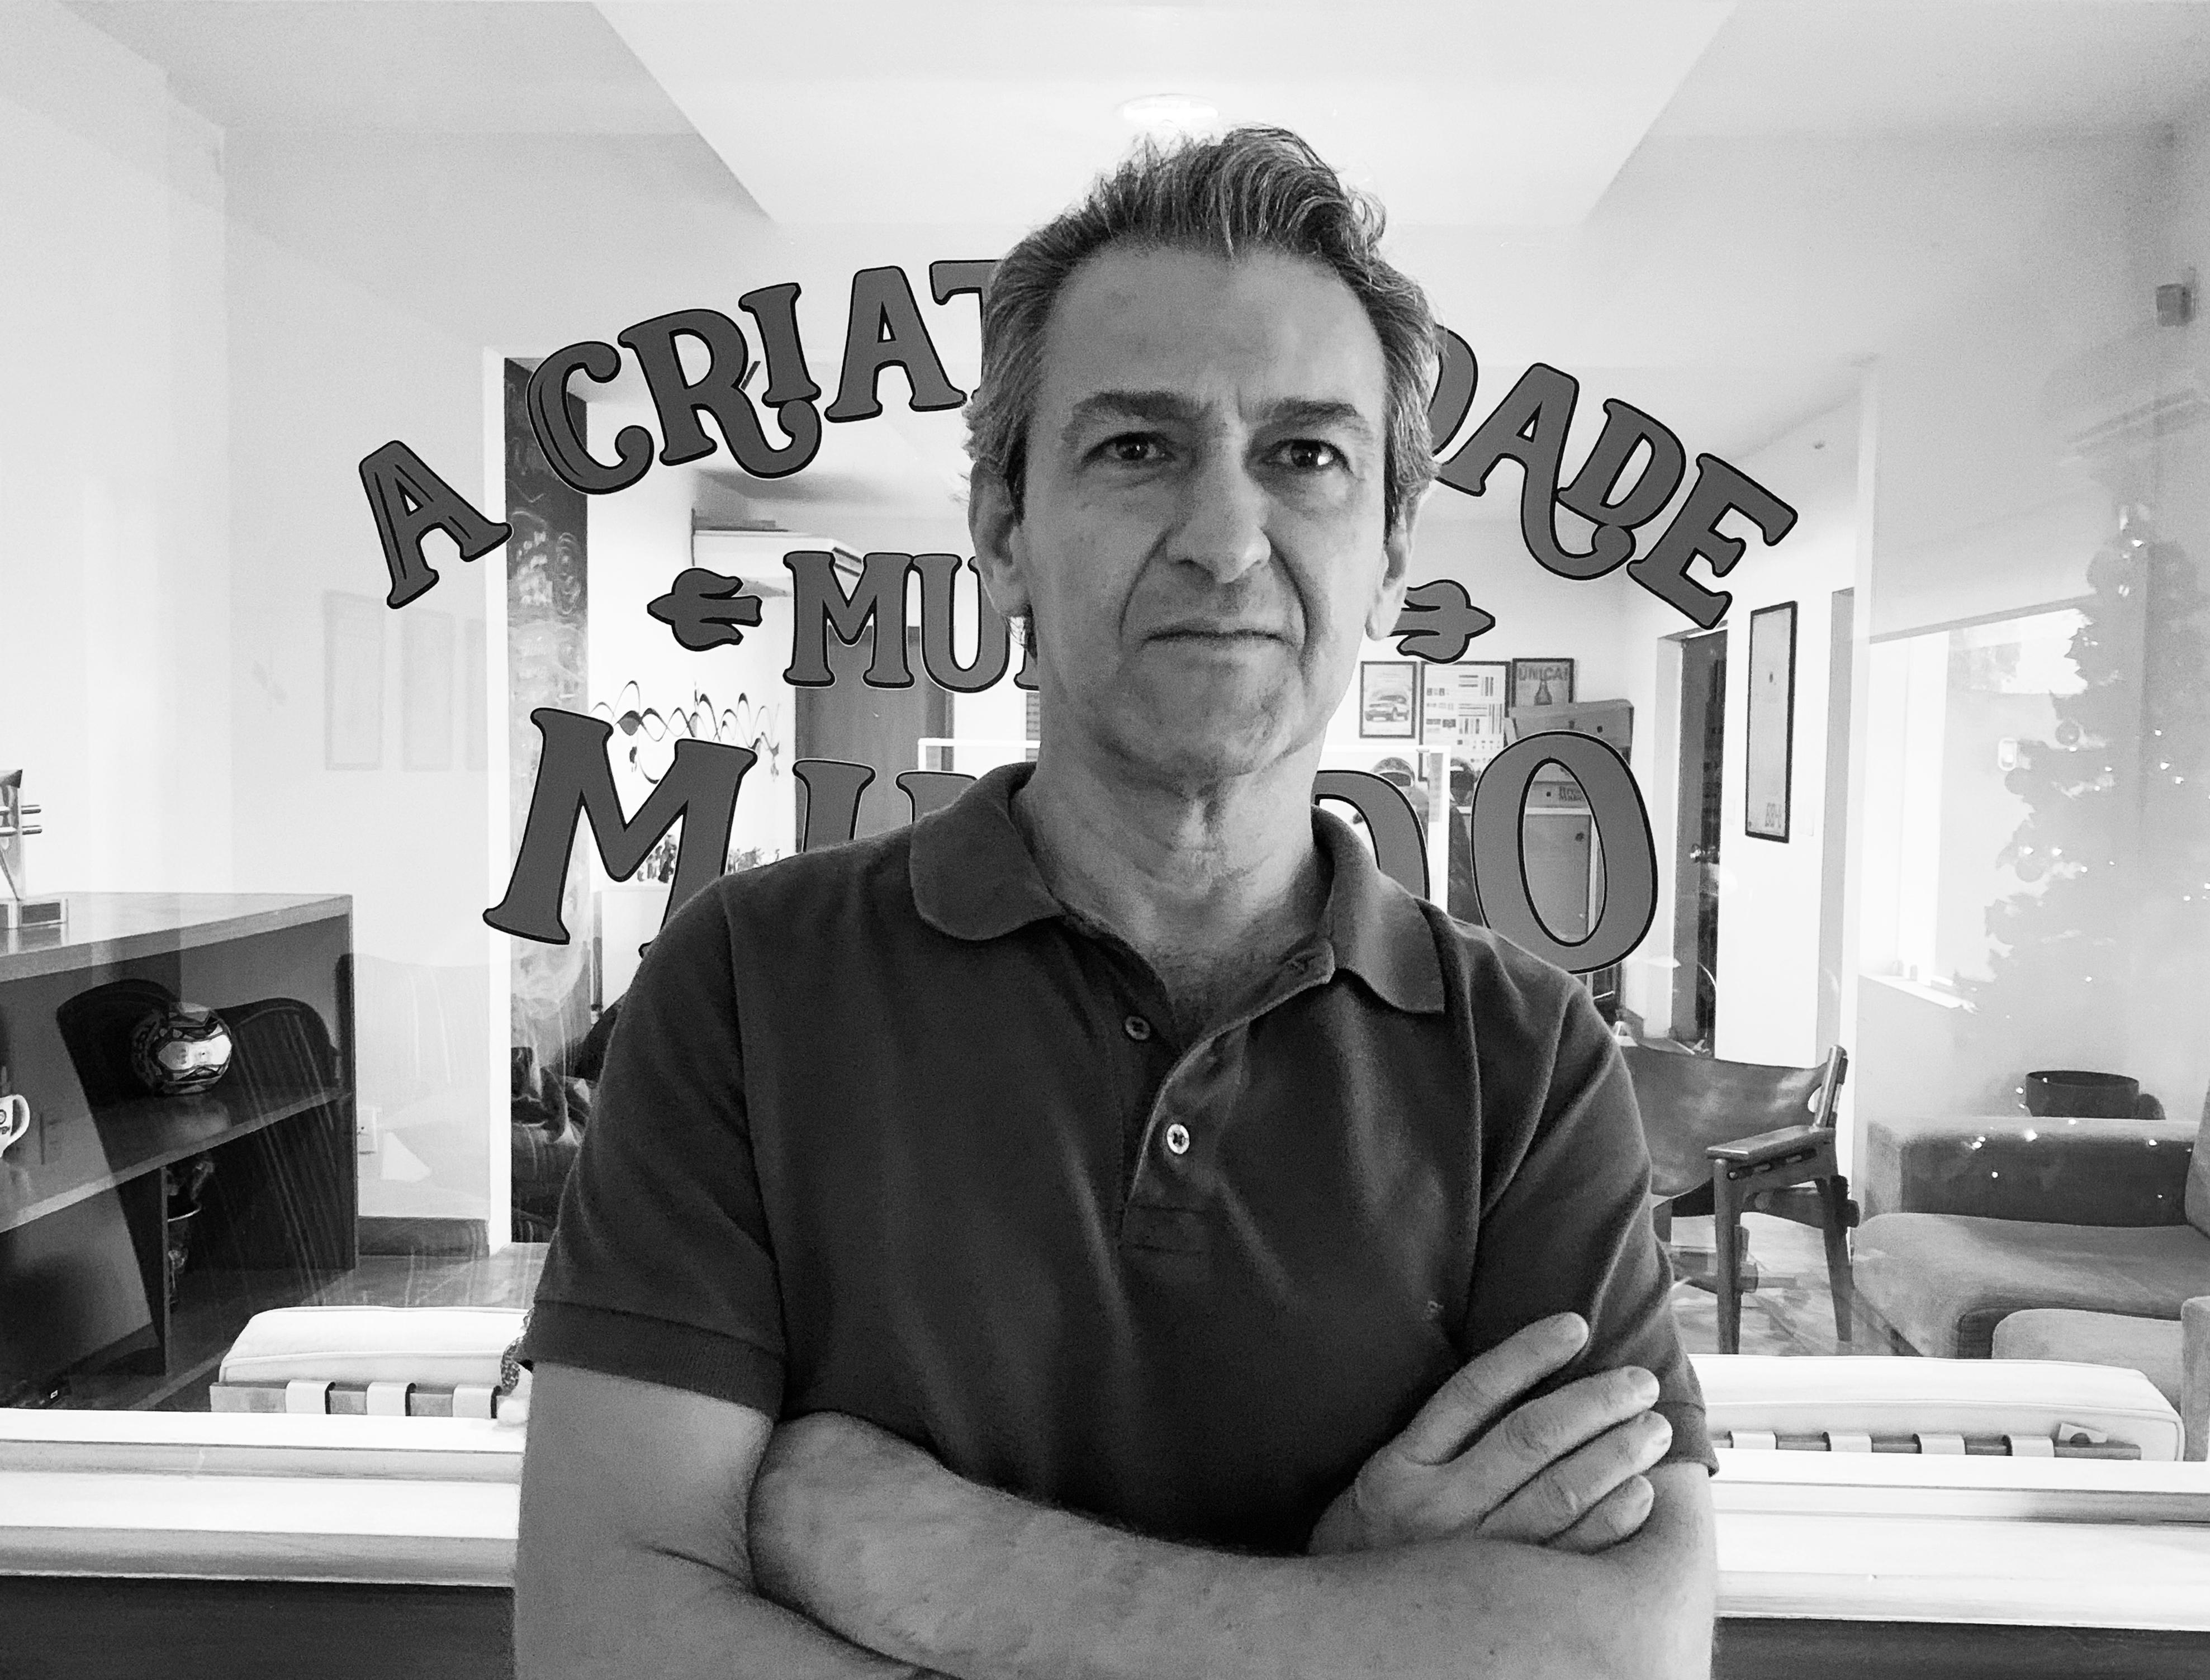 Ahmed Choucair